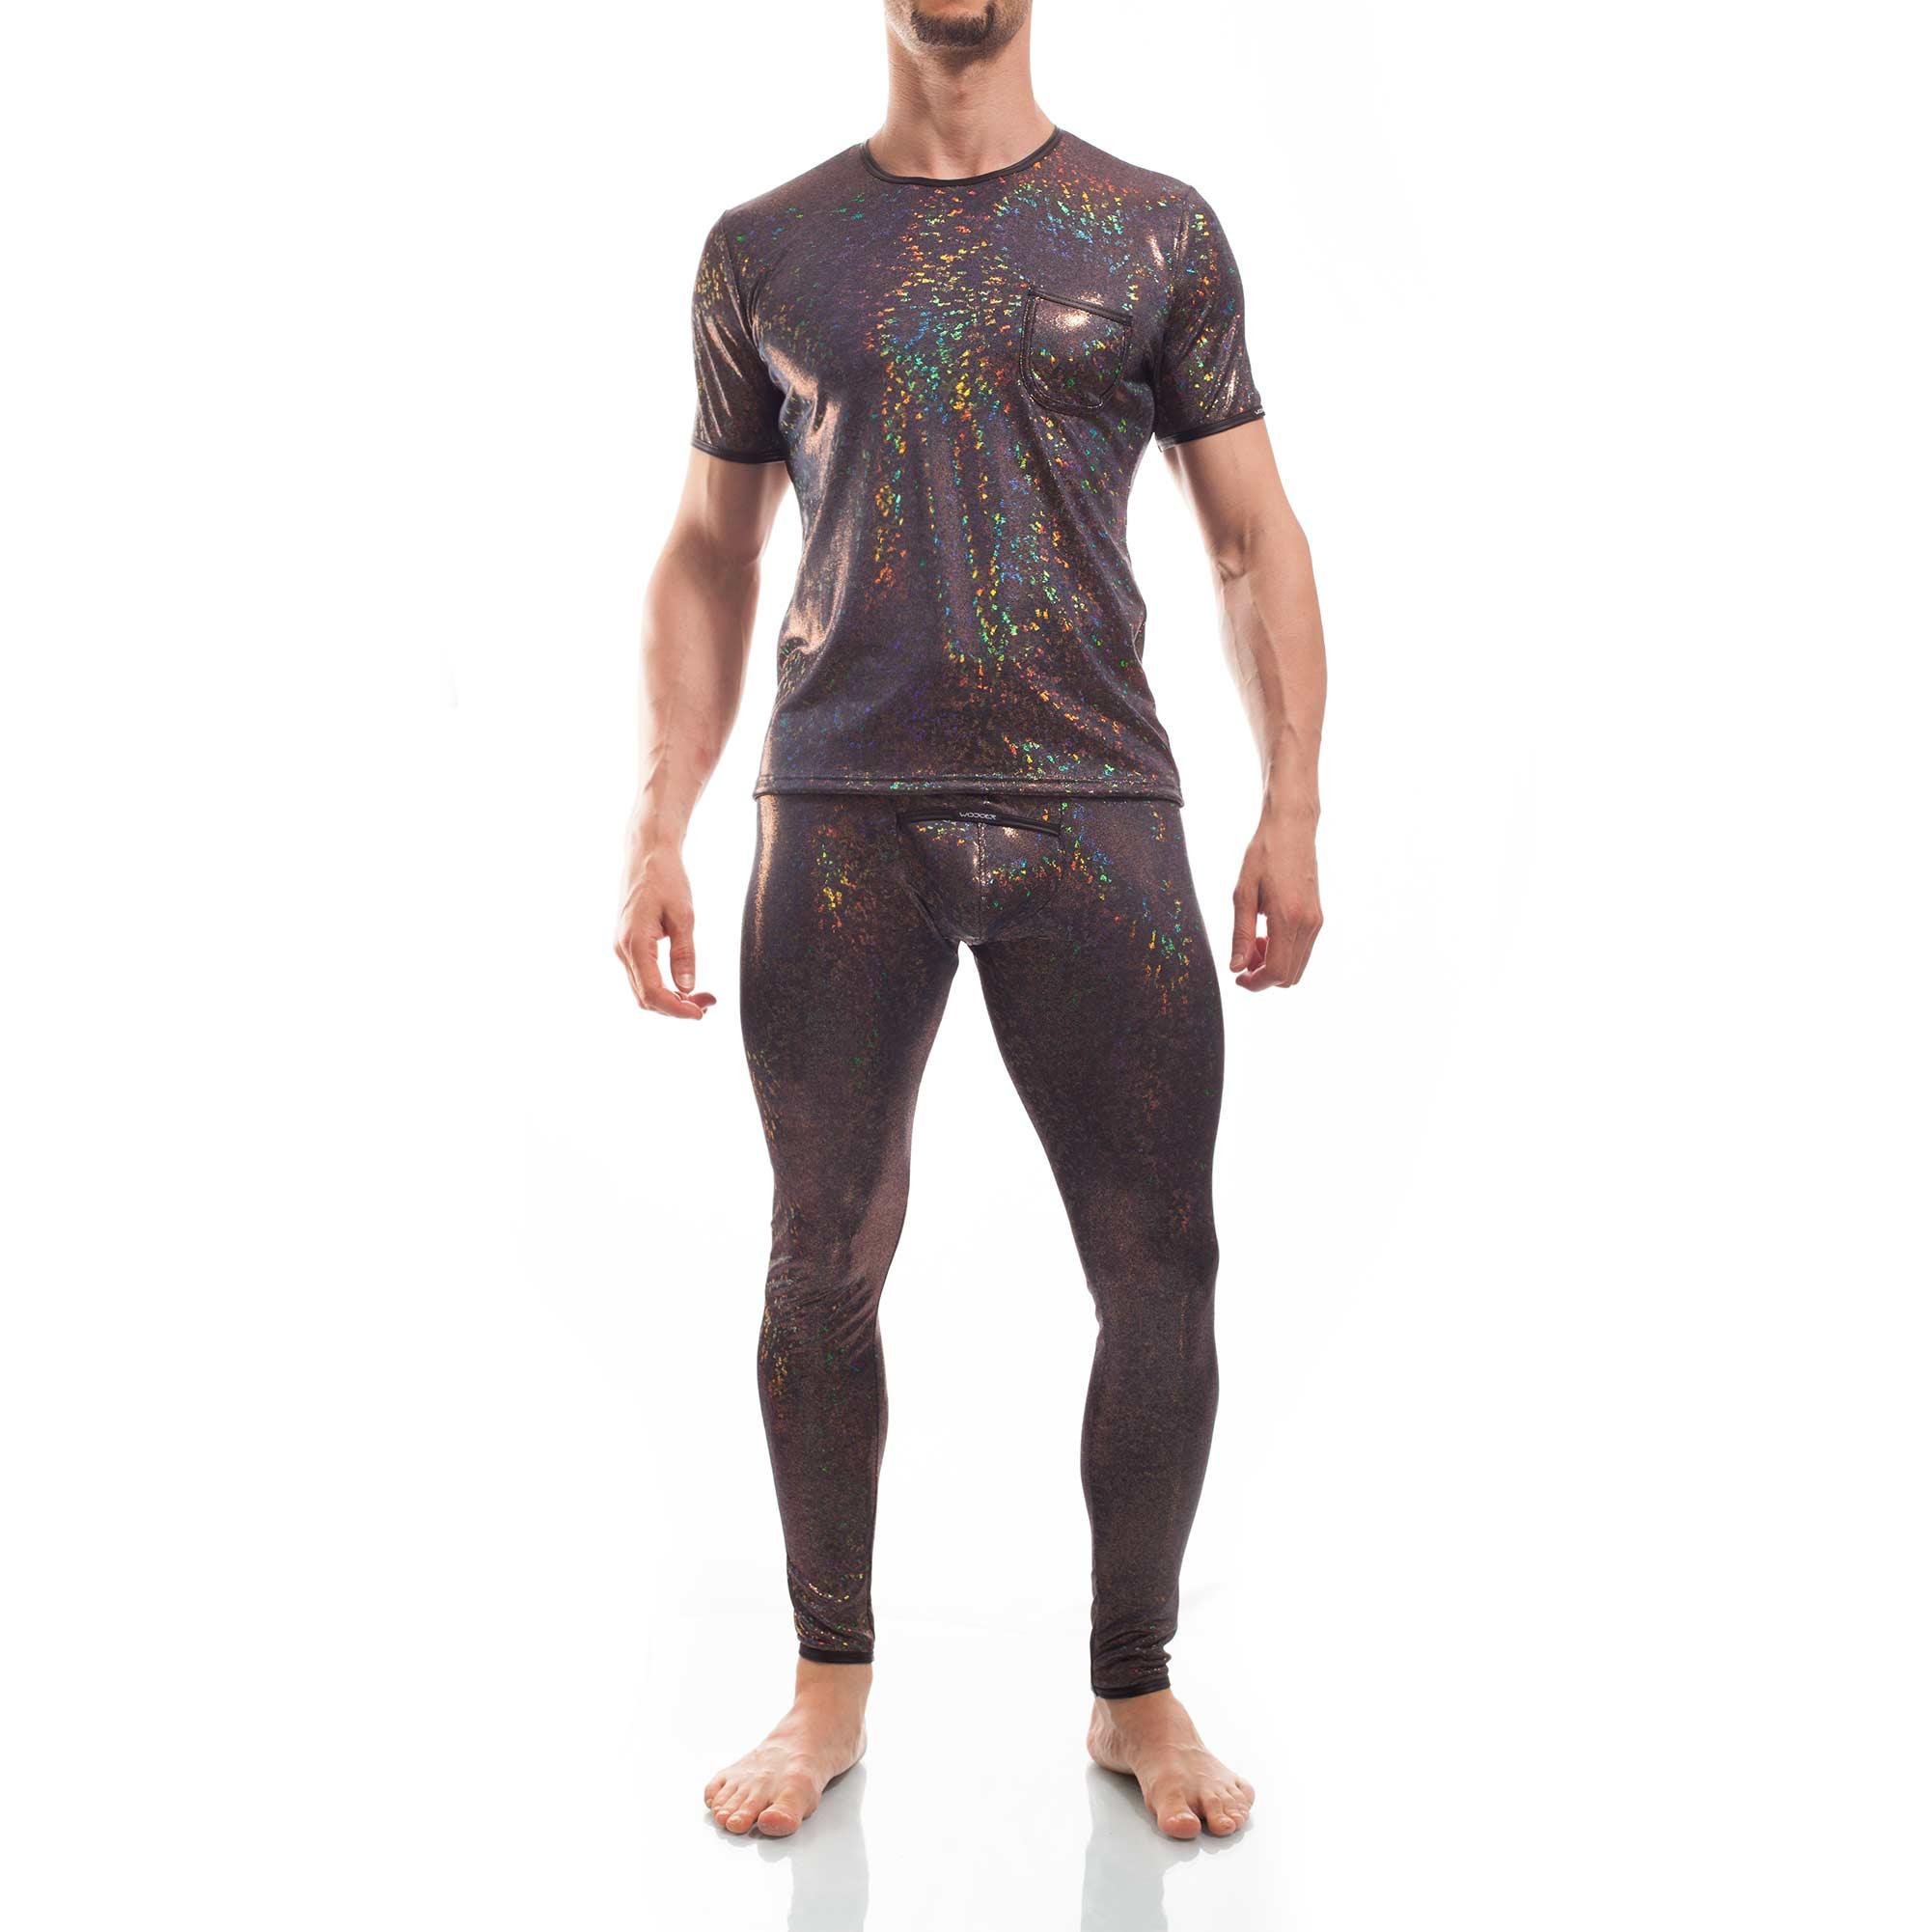 Bunt schimmernde Leggings mit schwarzen Kunstlederbündchen, aufgesetzter Tasche am Po und verstecktem Eingriff auf dem Suspensorium. Bizarre bunt schimmerndes Shirt mit aufgesetzer Tasche und Lederbündchen